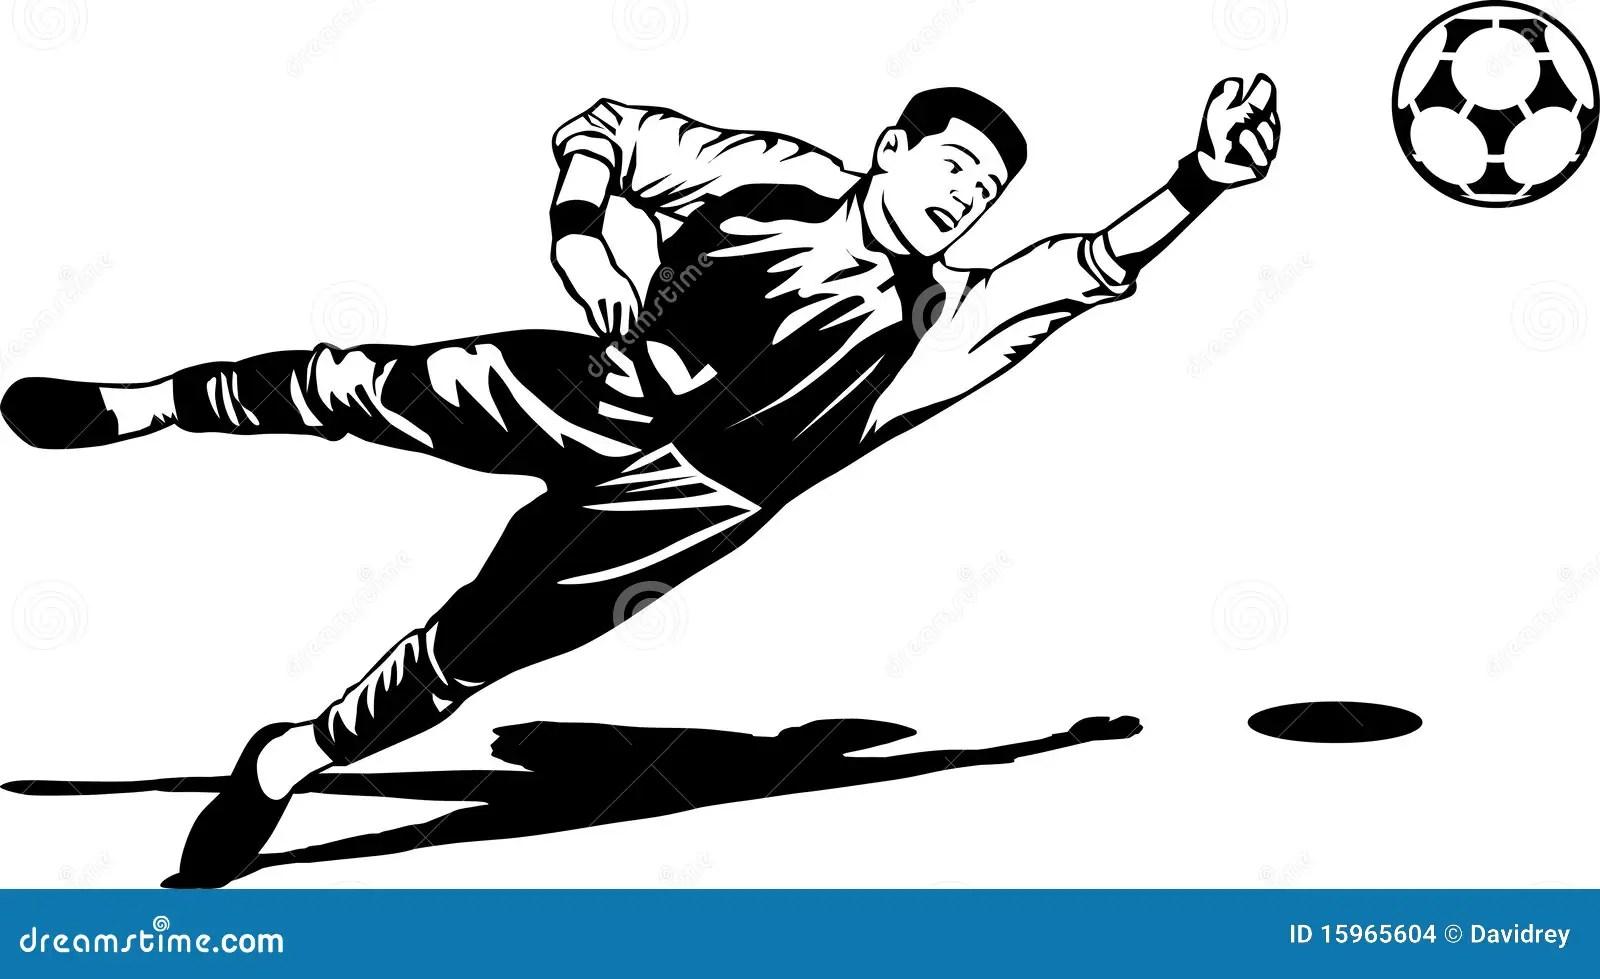 Illustrazione Del Portiere Di Calcio Illustrazione